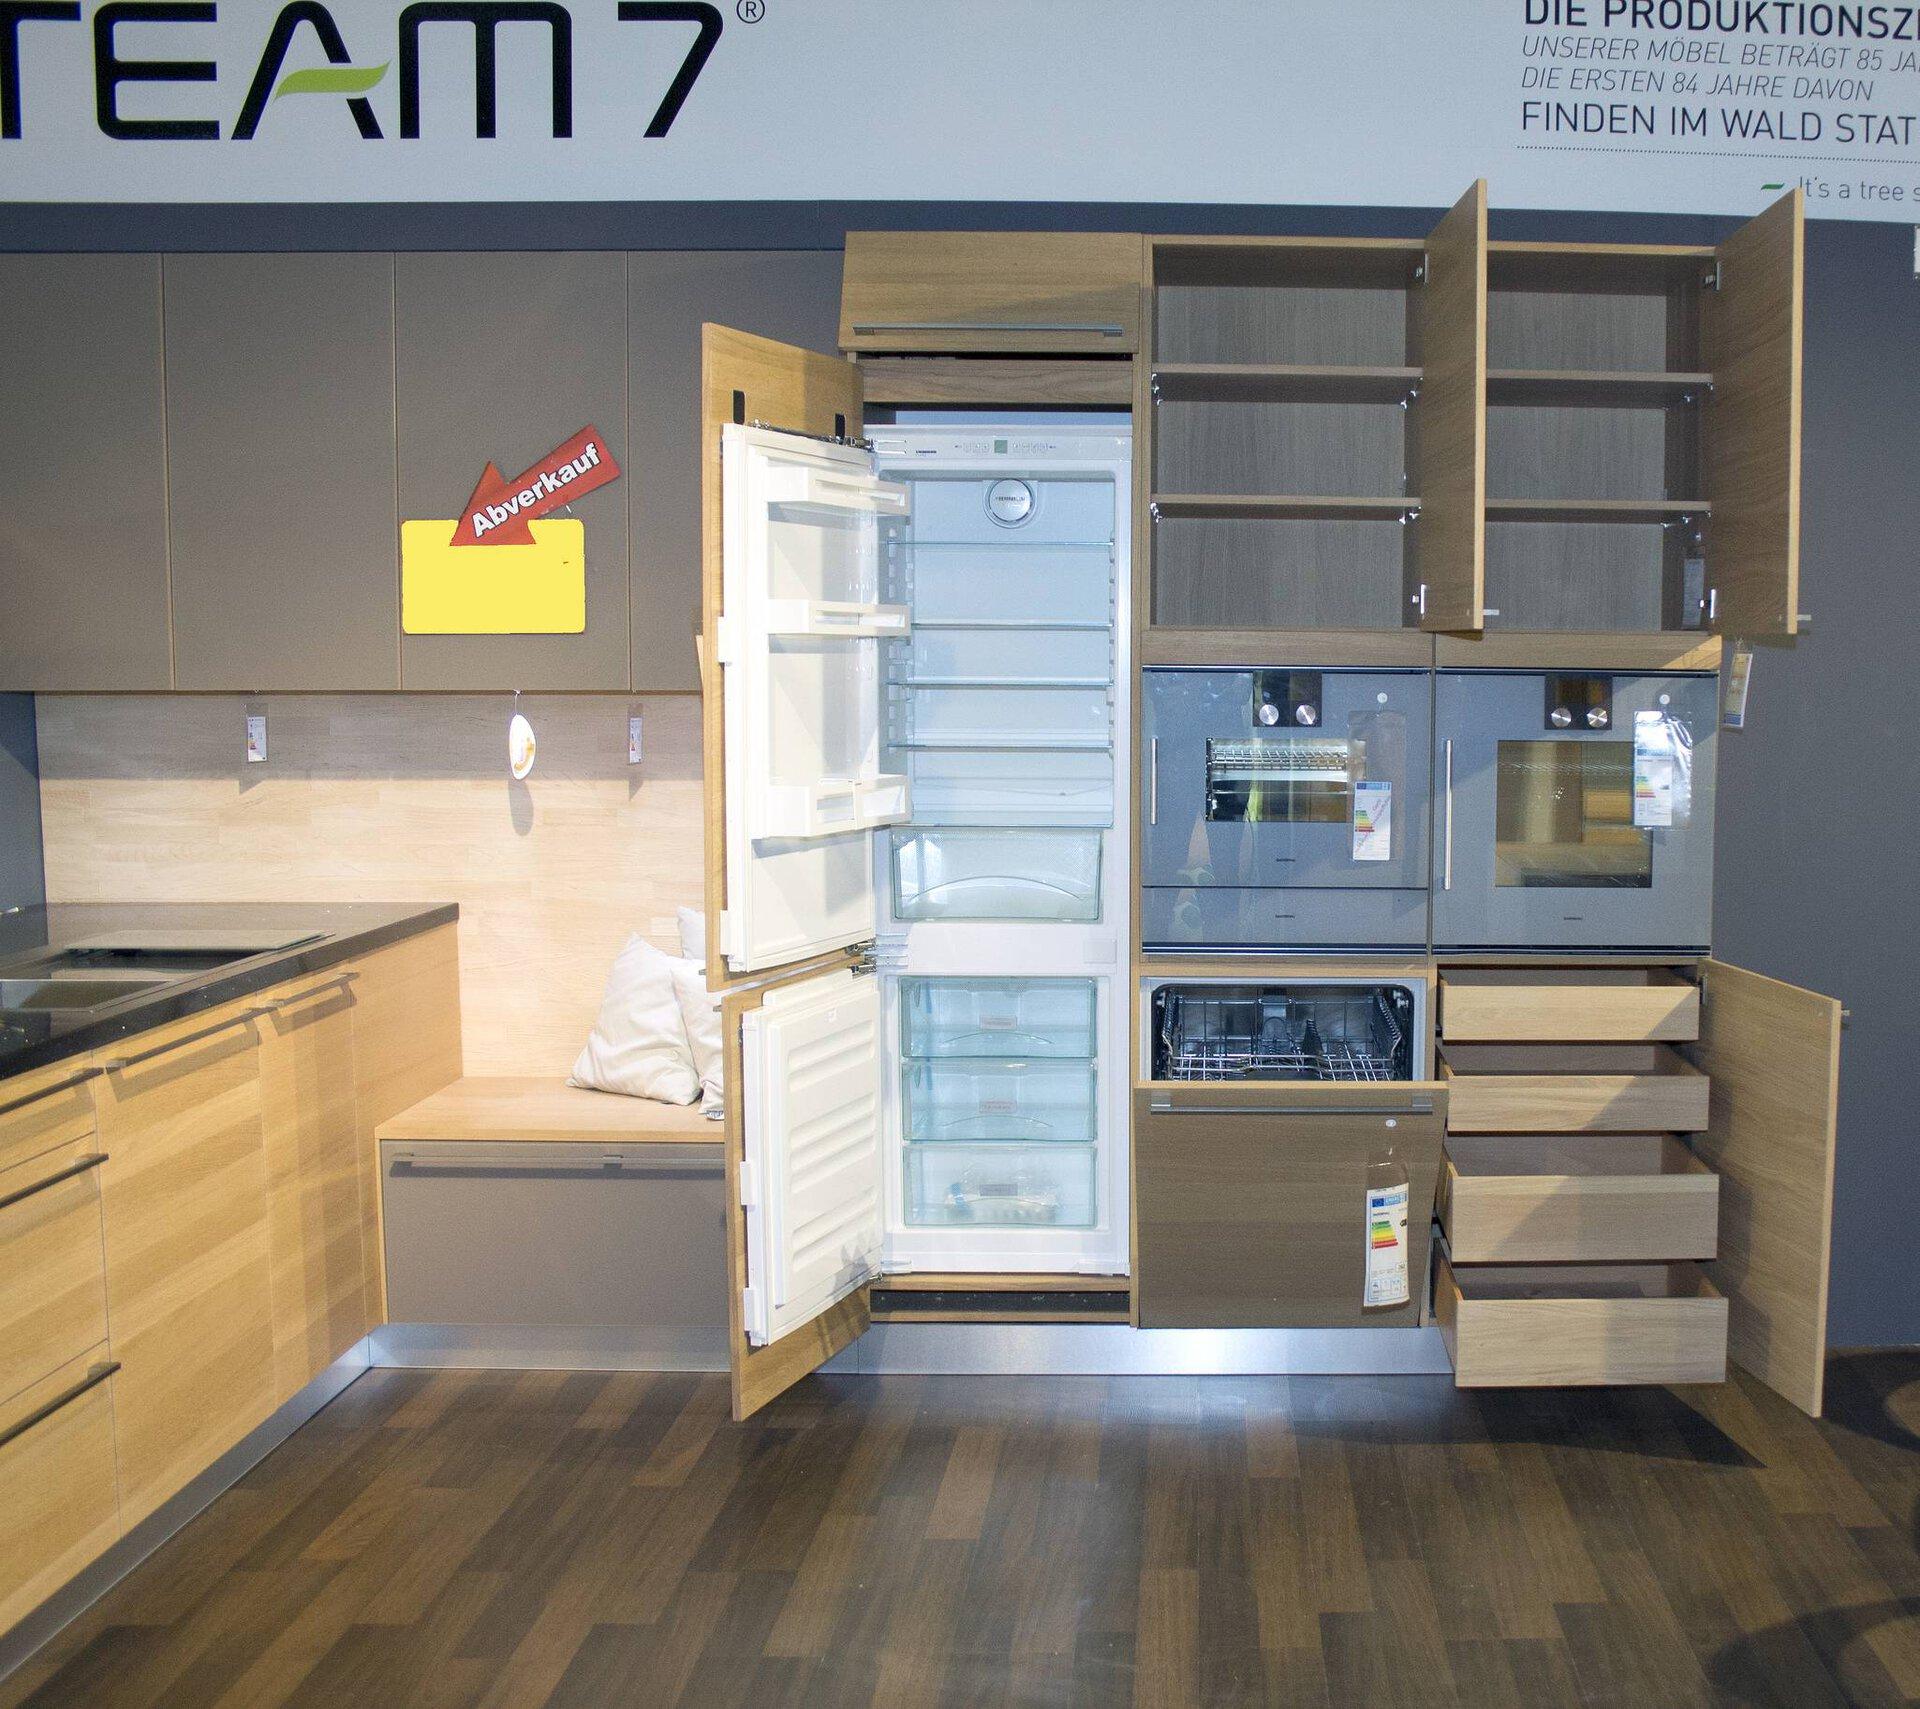 Linee Einbauküche TEAM7